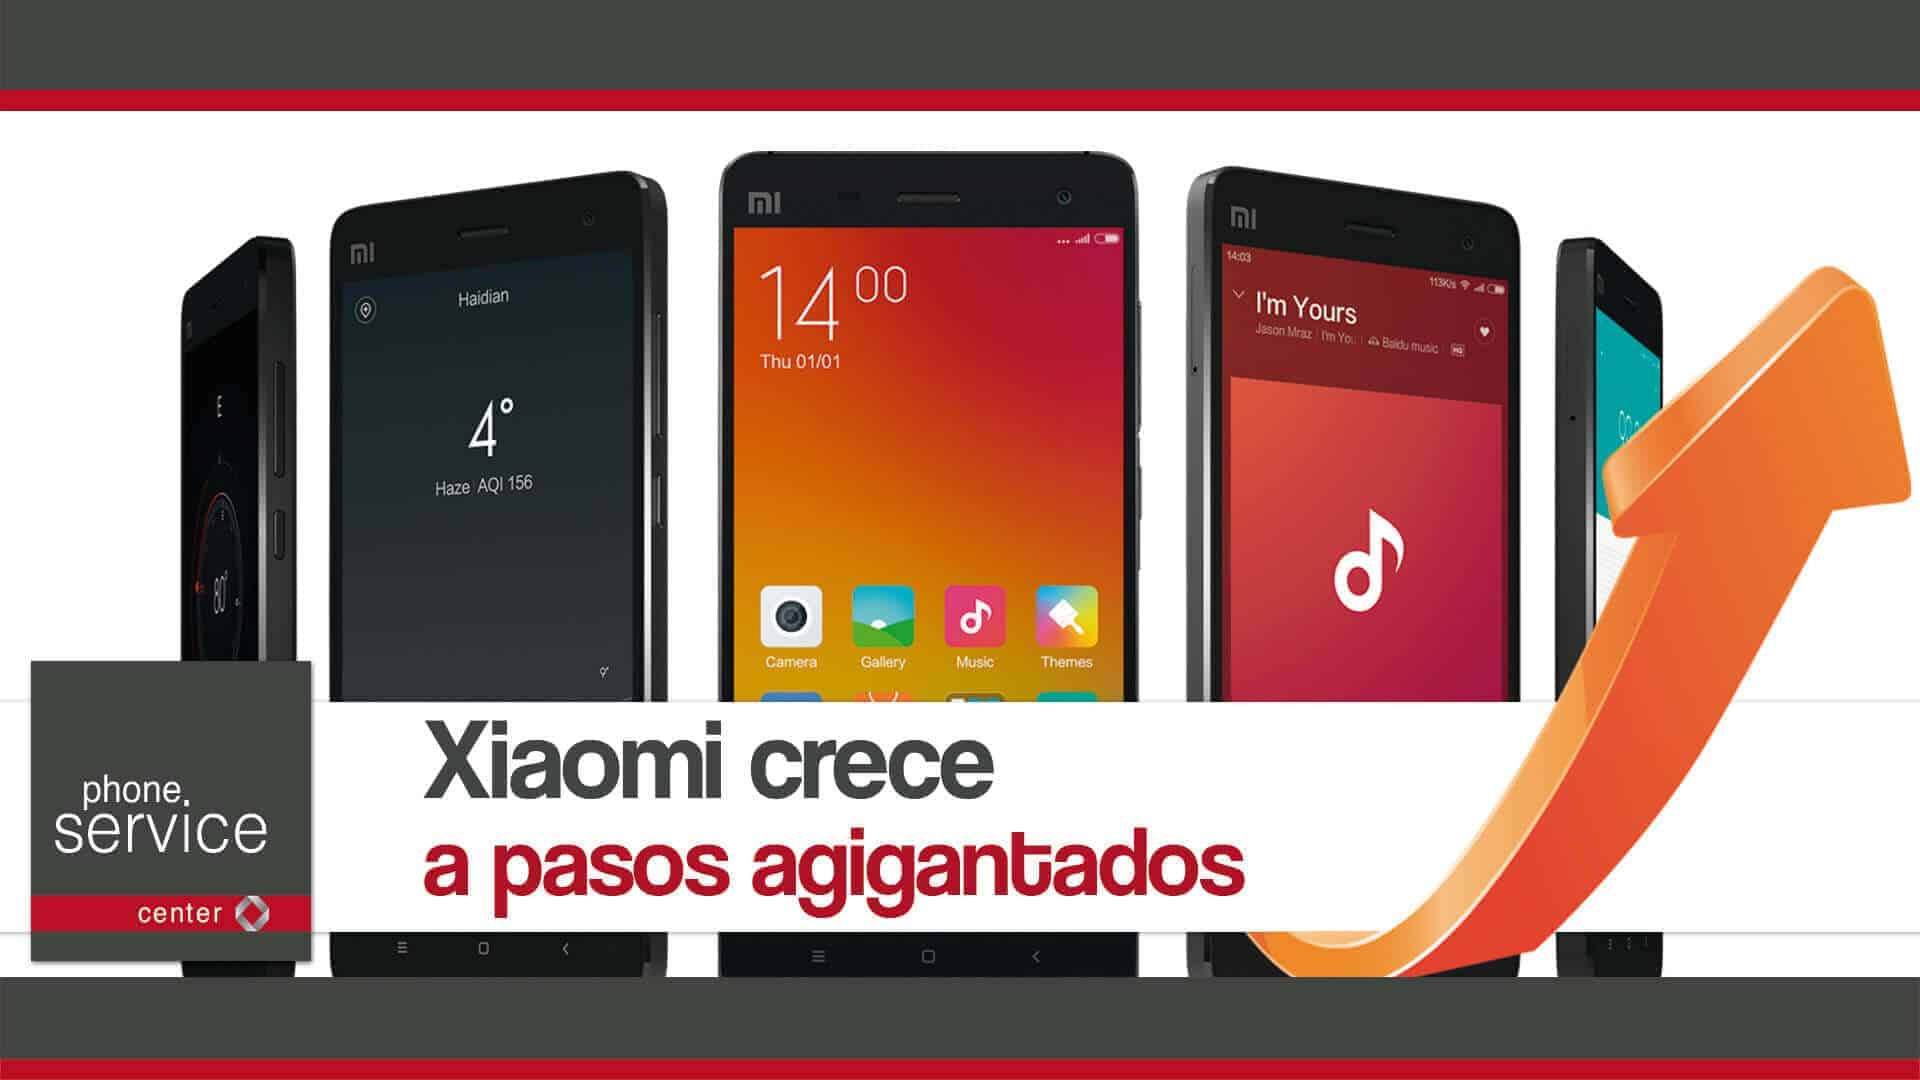 Xiaomi crece a pasos agigantados